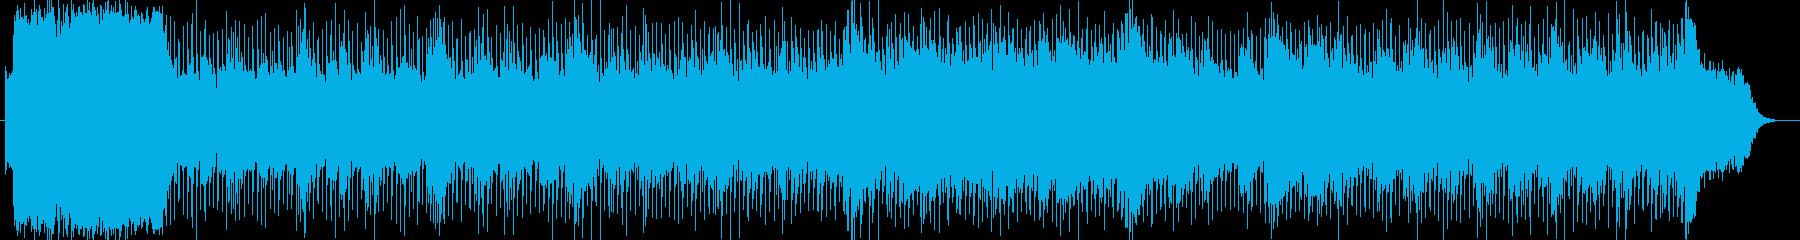 厳格さを感じさせるシンセ曲の再生済みの波形